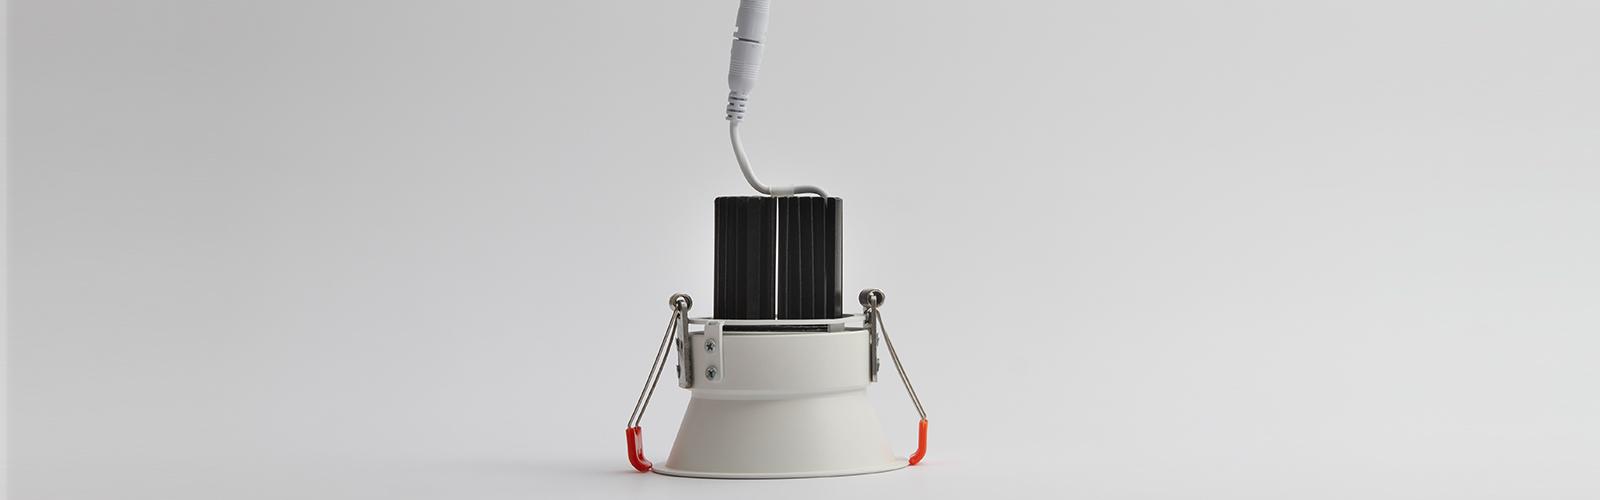 Fenos LED Lighting Recessed Downlight Fitran C